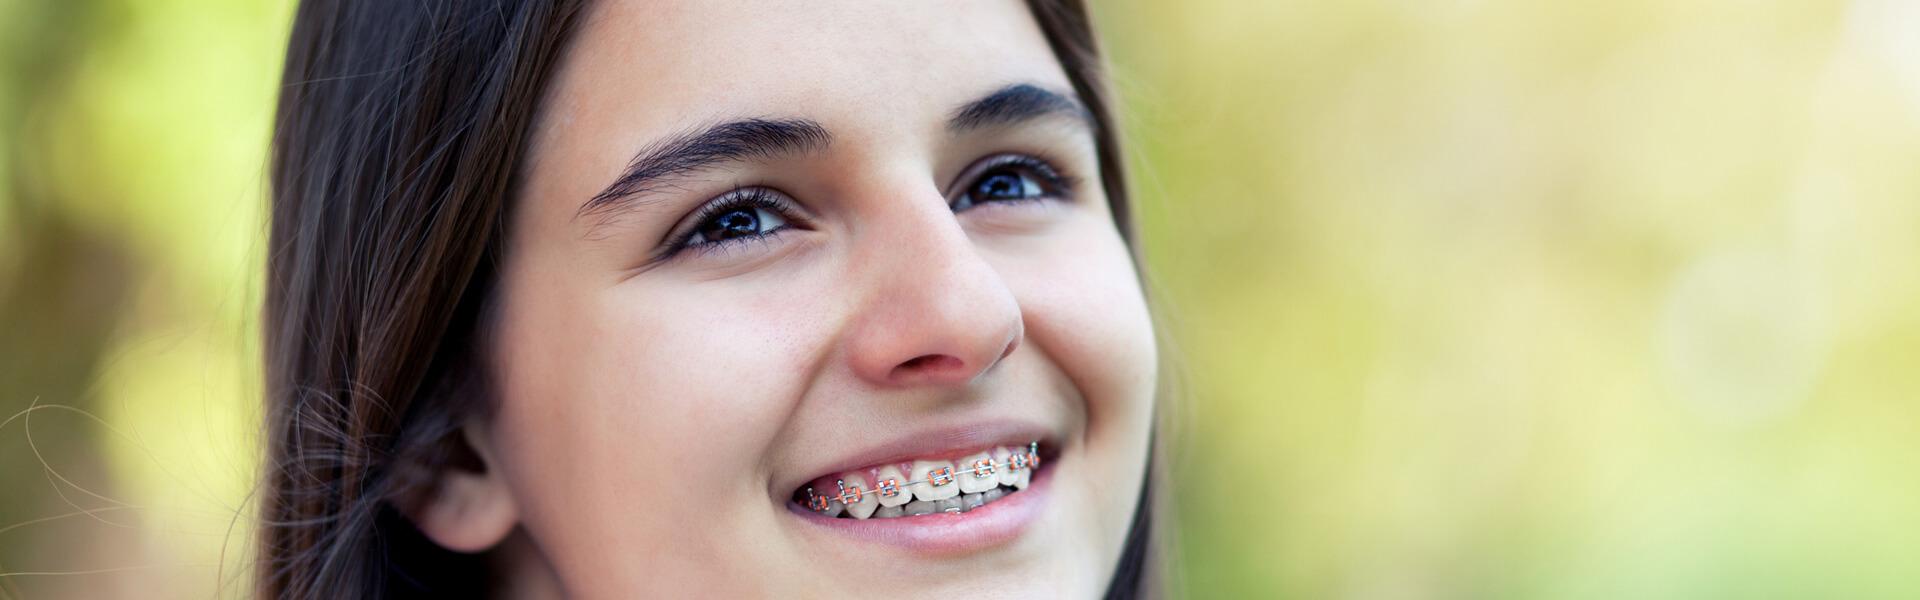 fixed-braces